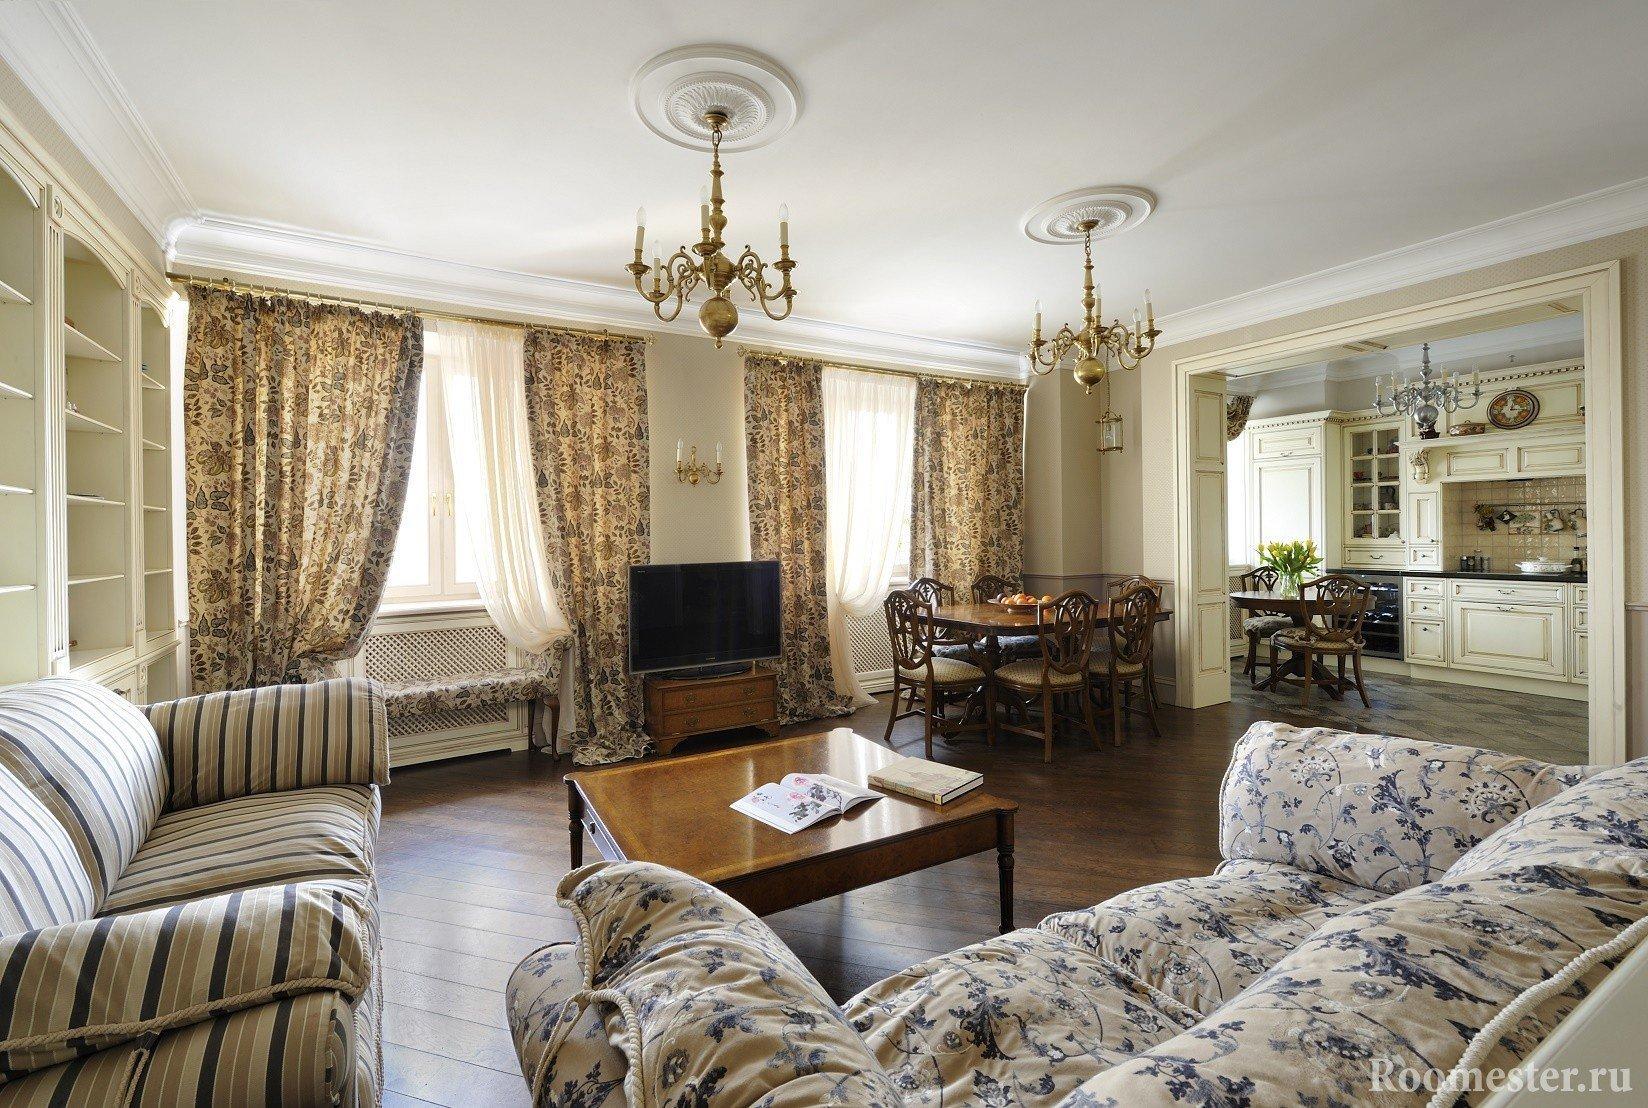 Гостиная в классическом стиле с двумя окнами